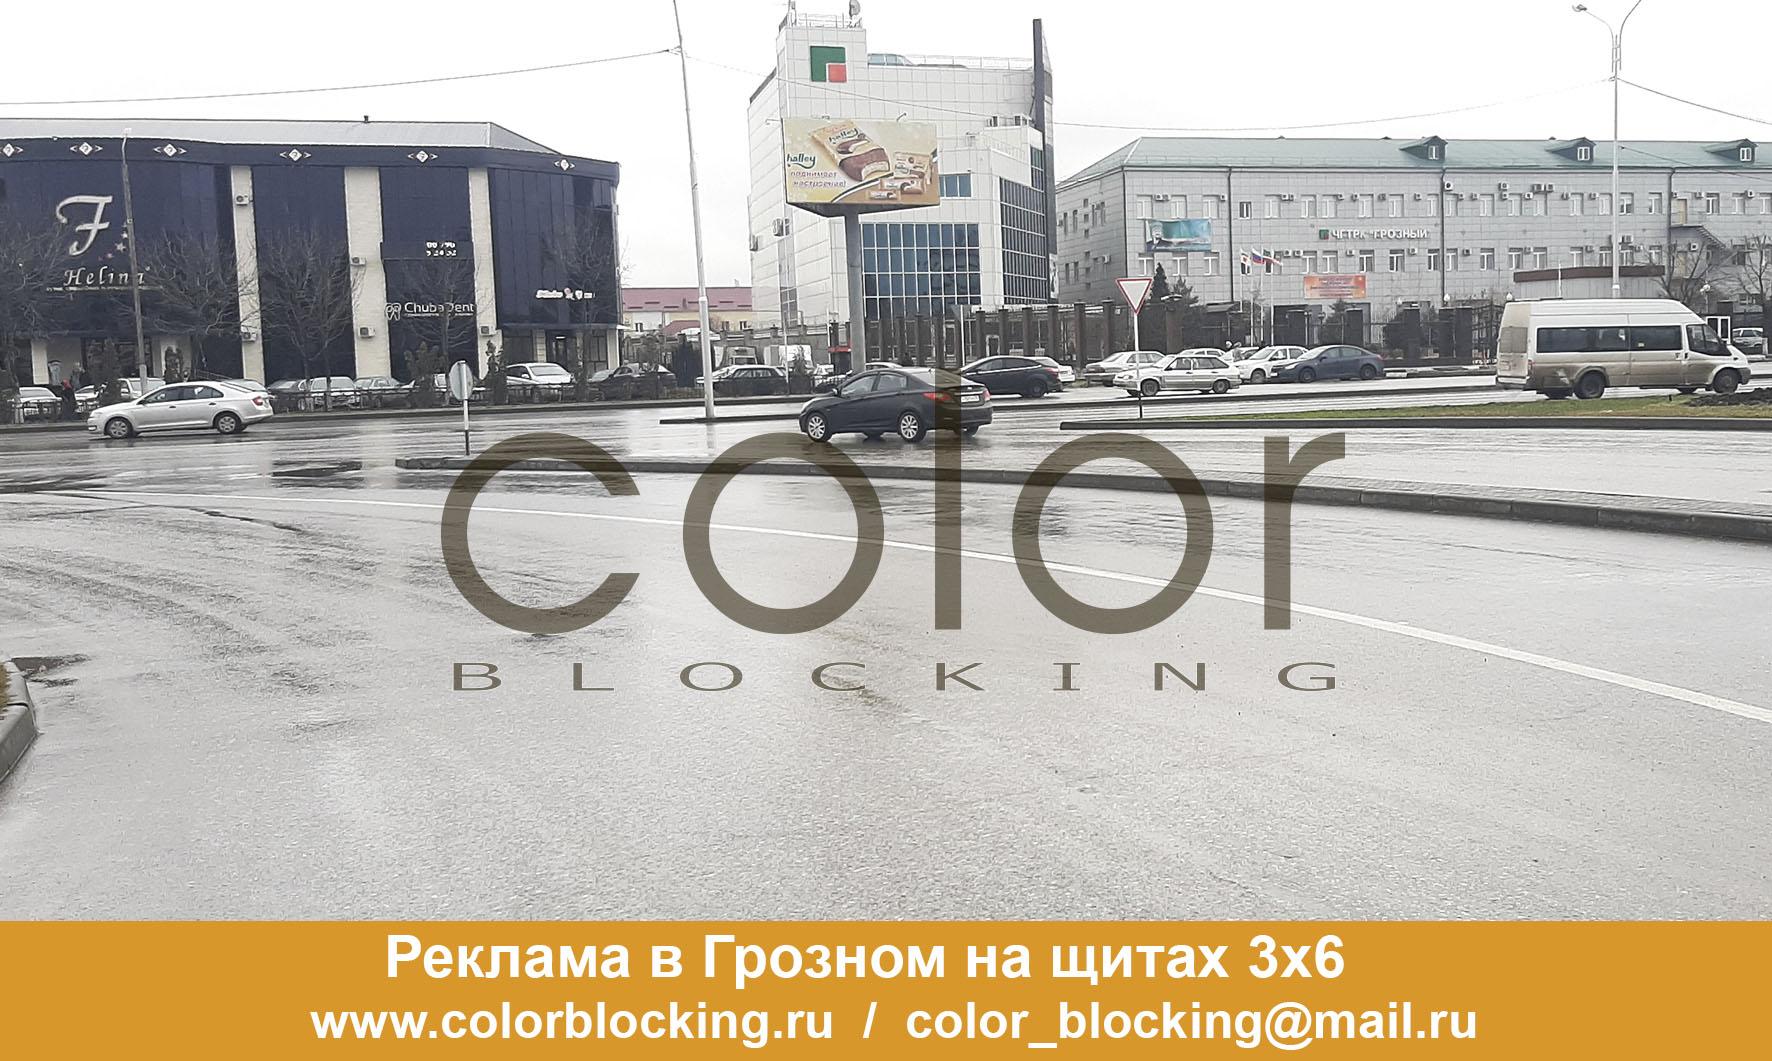 Реклама в Грозном на щитах 3х6 Назарбаева